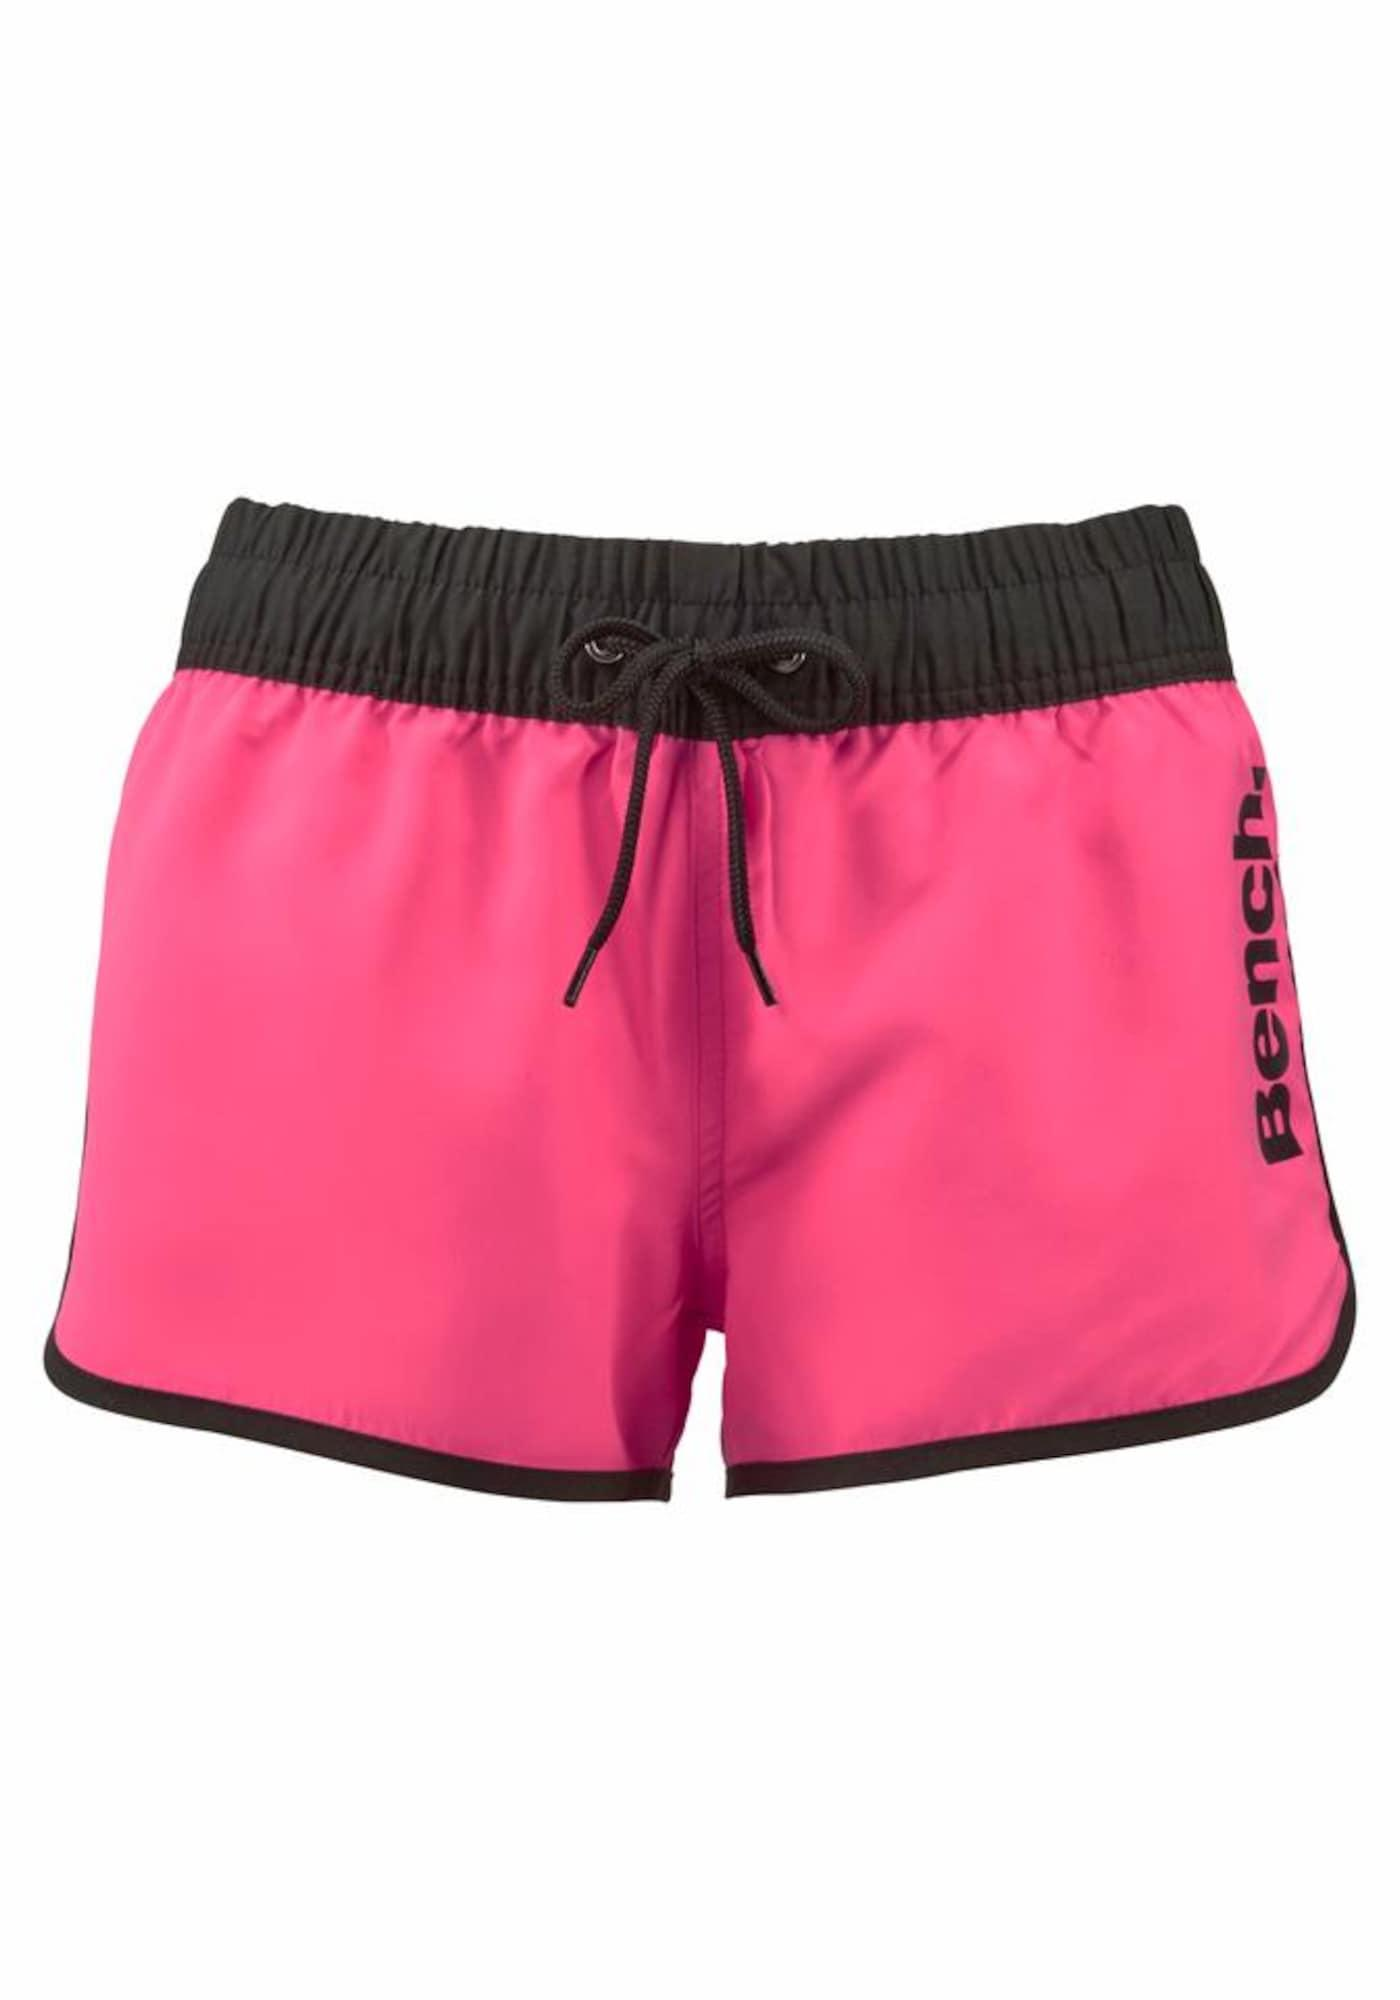 BENCH Badeshorts pink